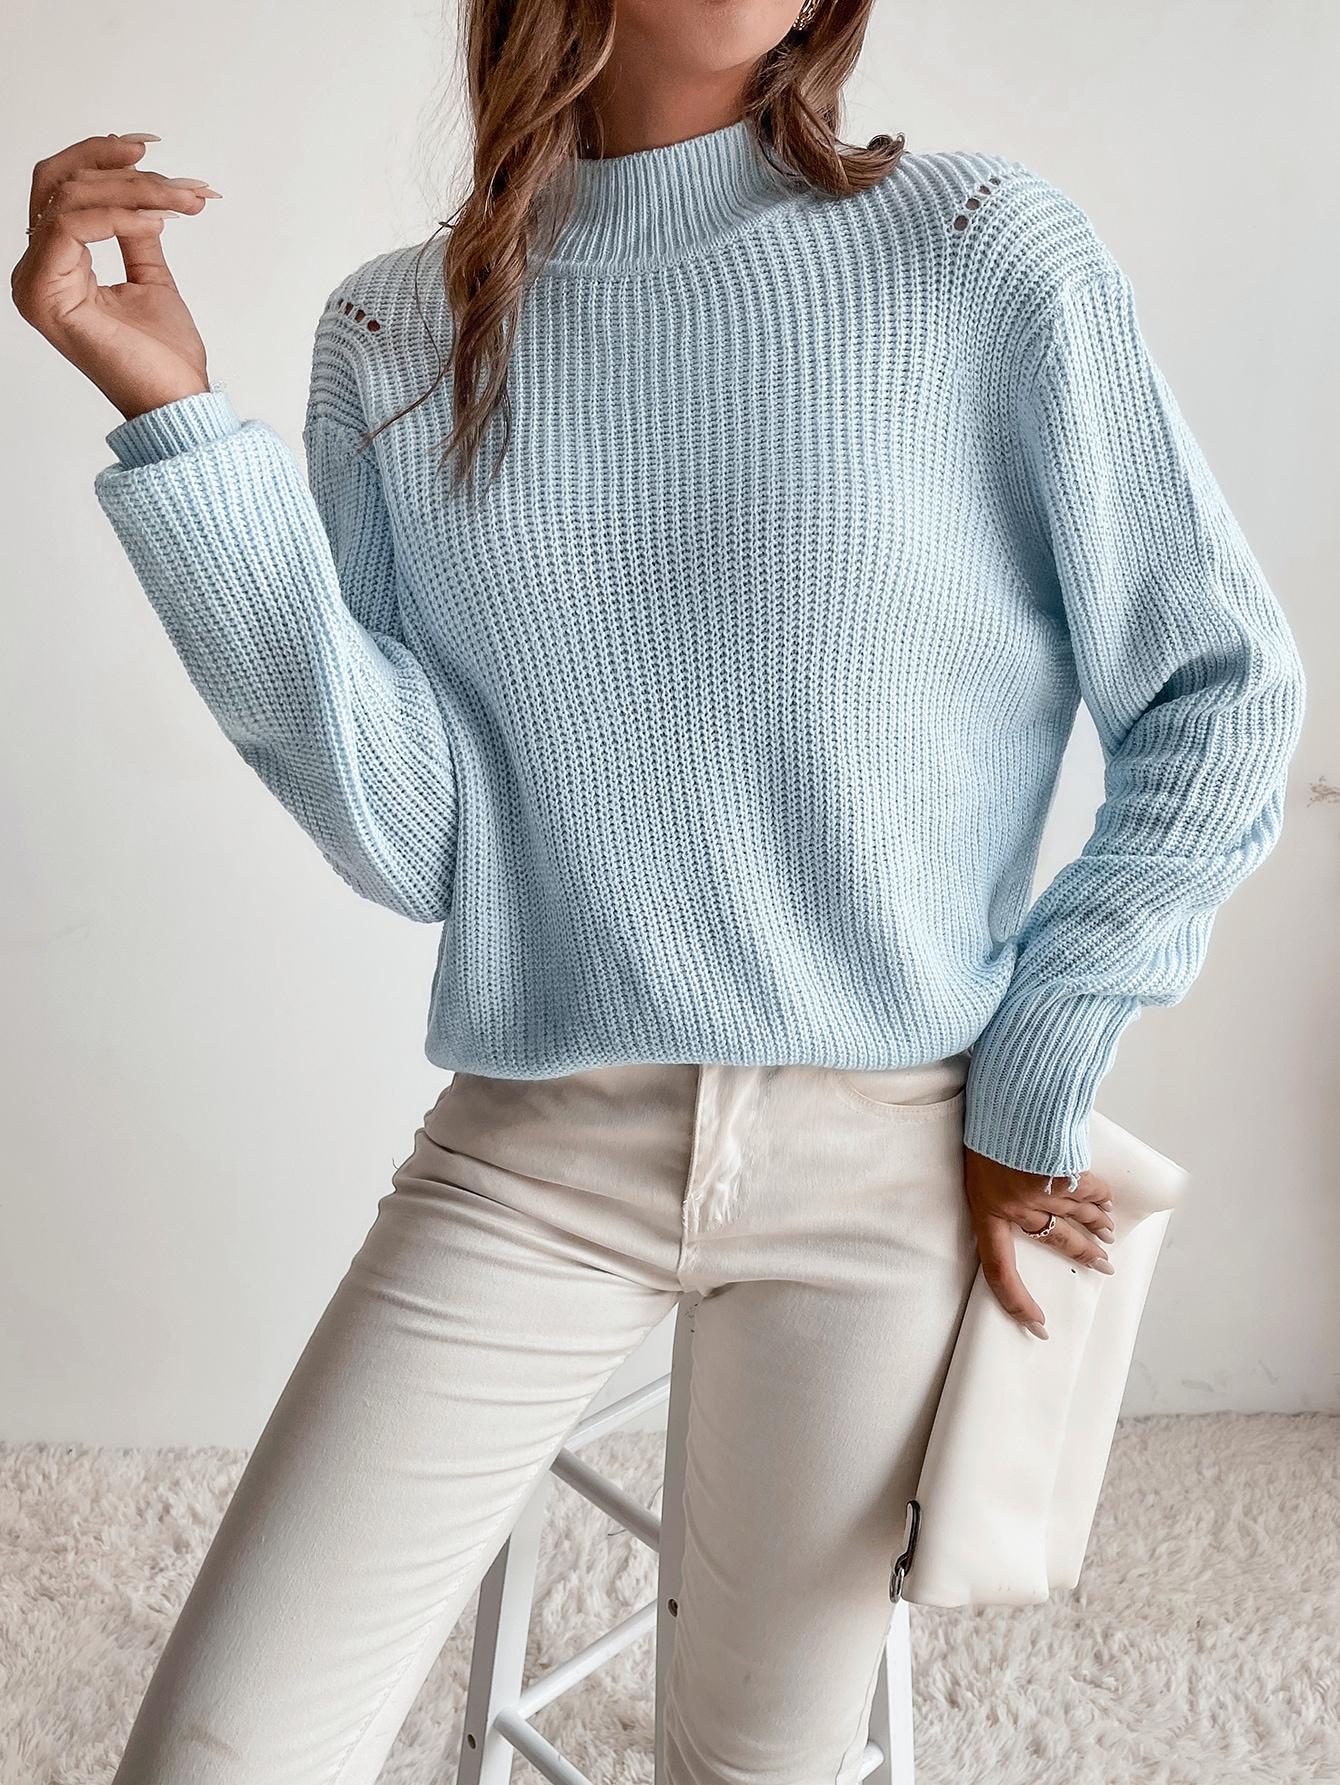 трикотажный Одноцветный Повседневный Женские свитераsw2107078751852215